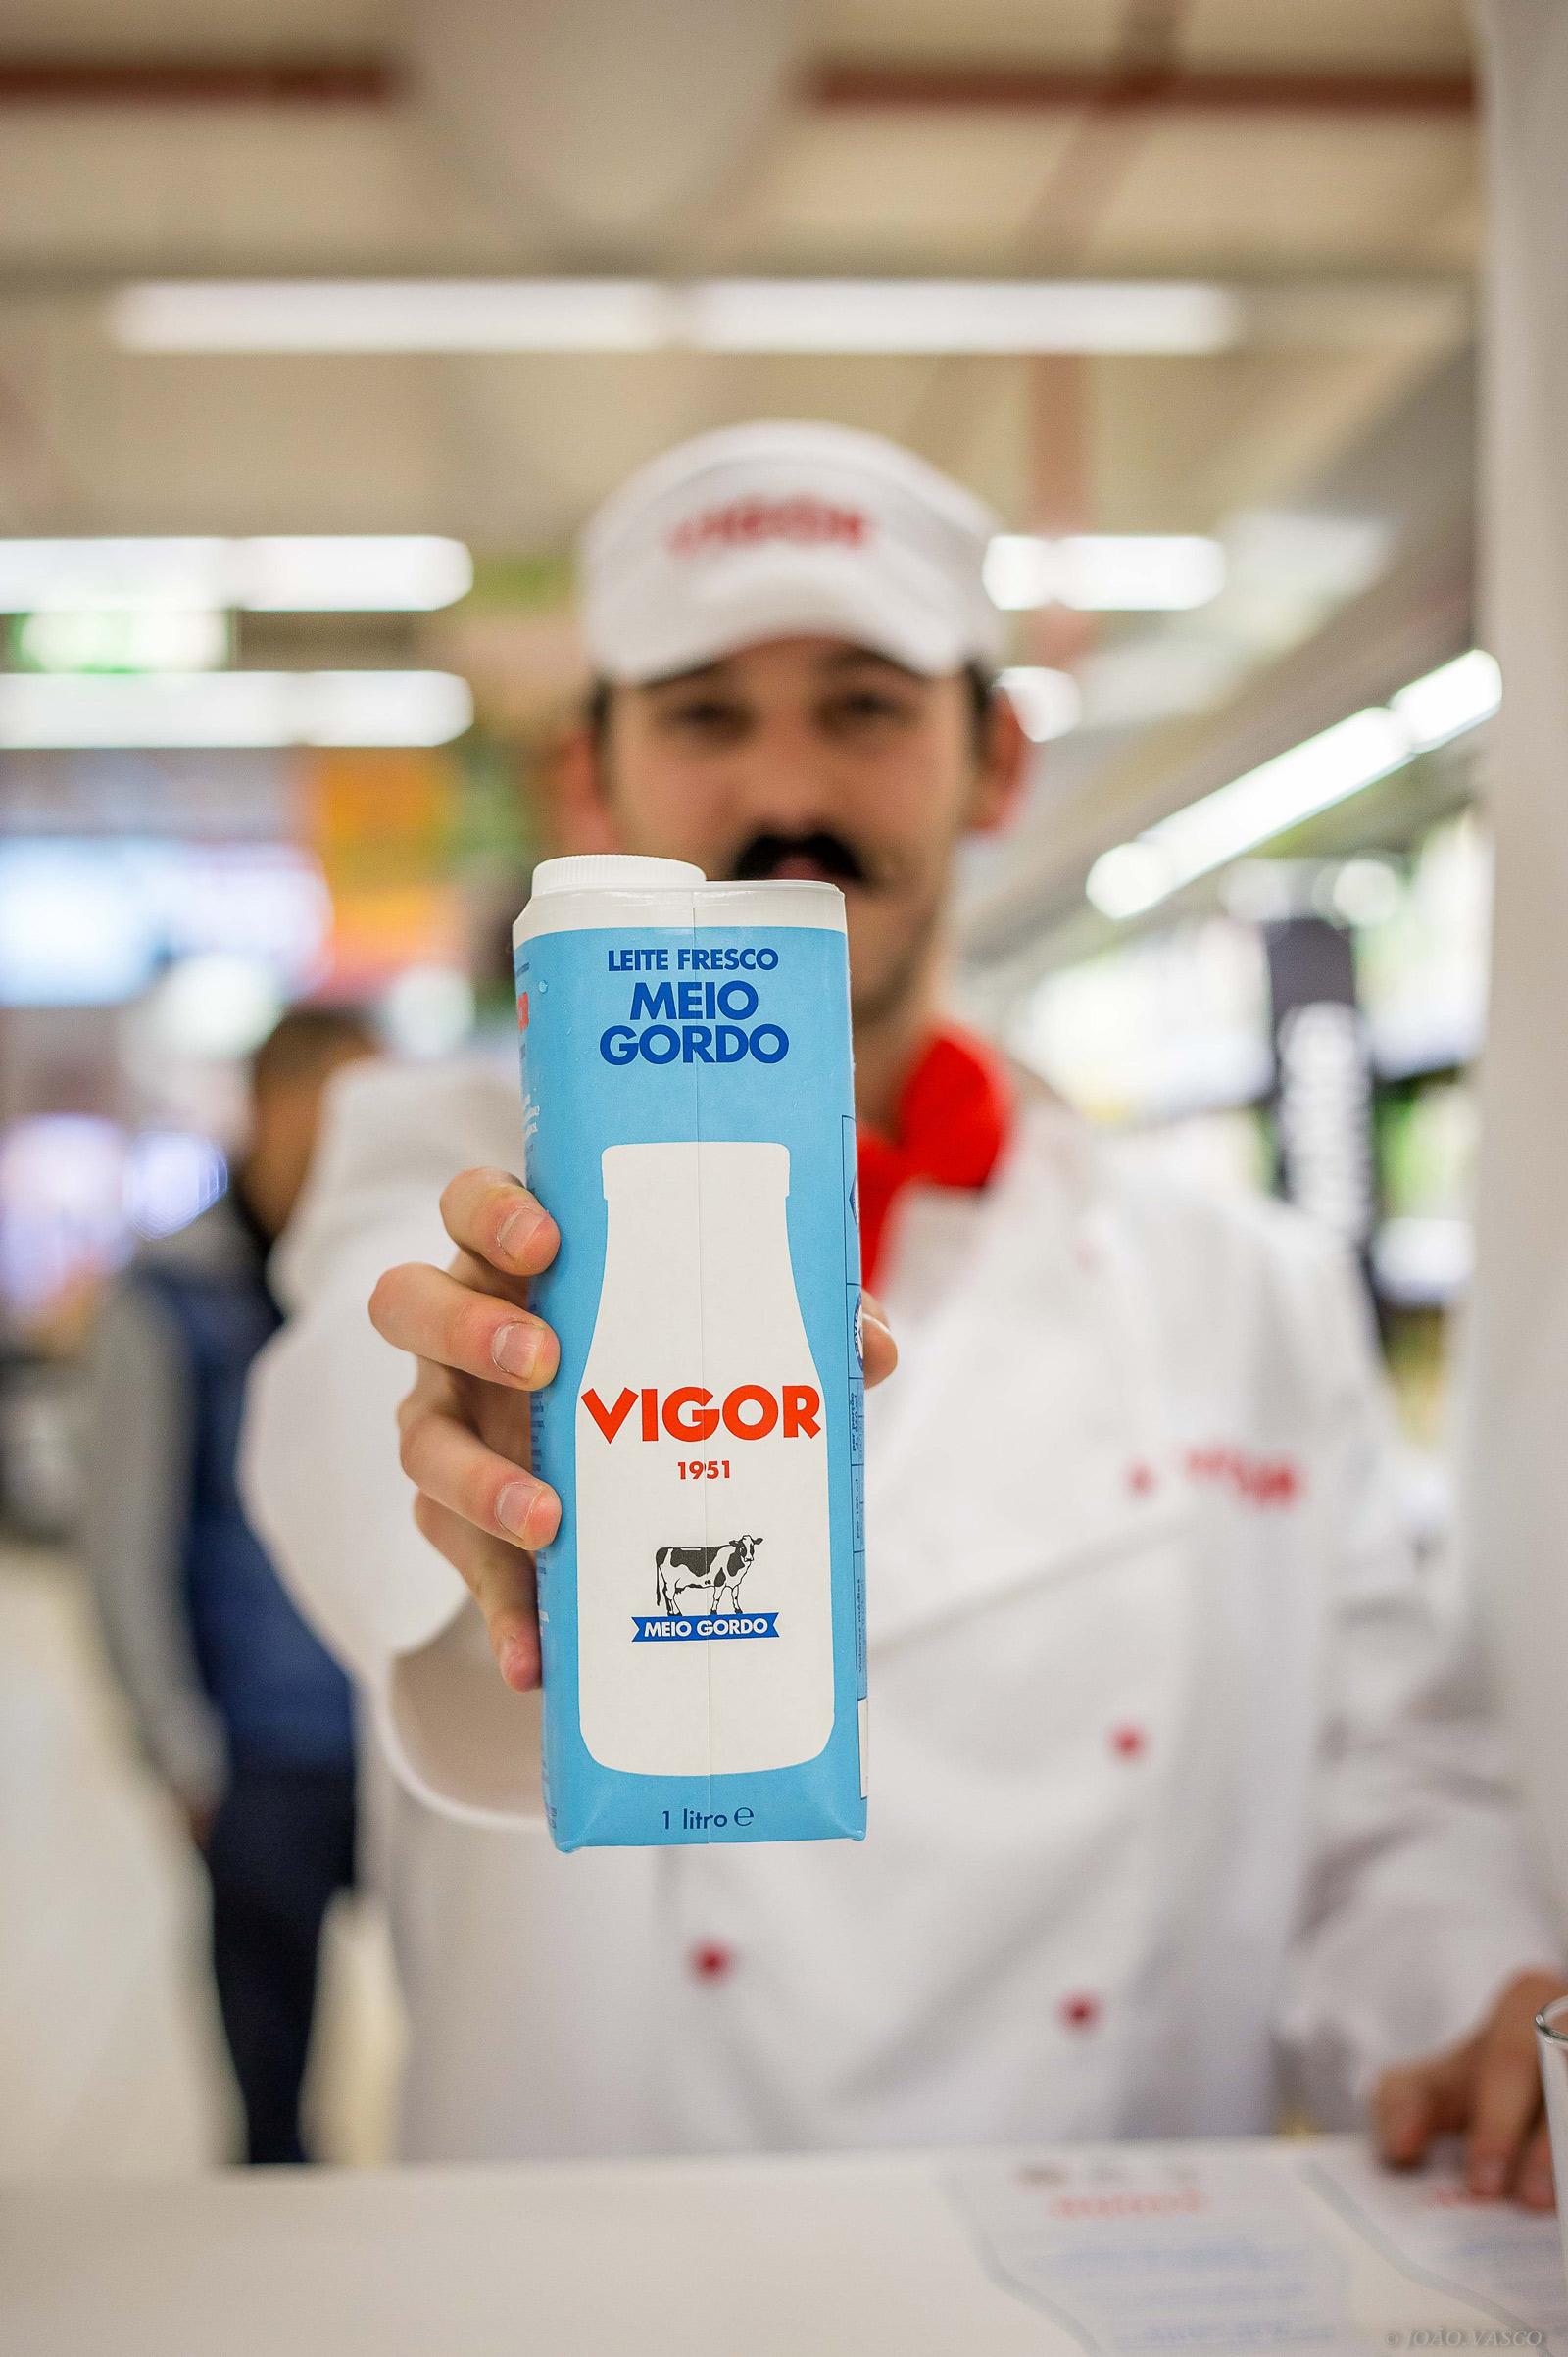 Vigor-18